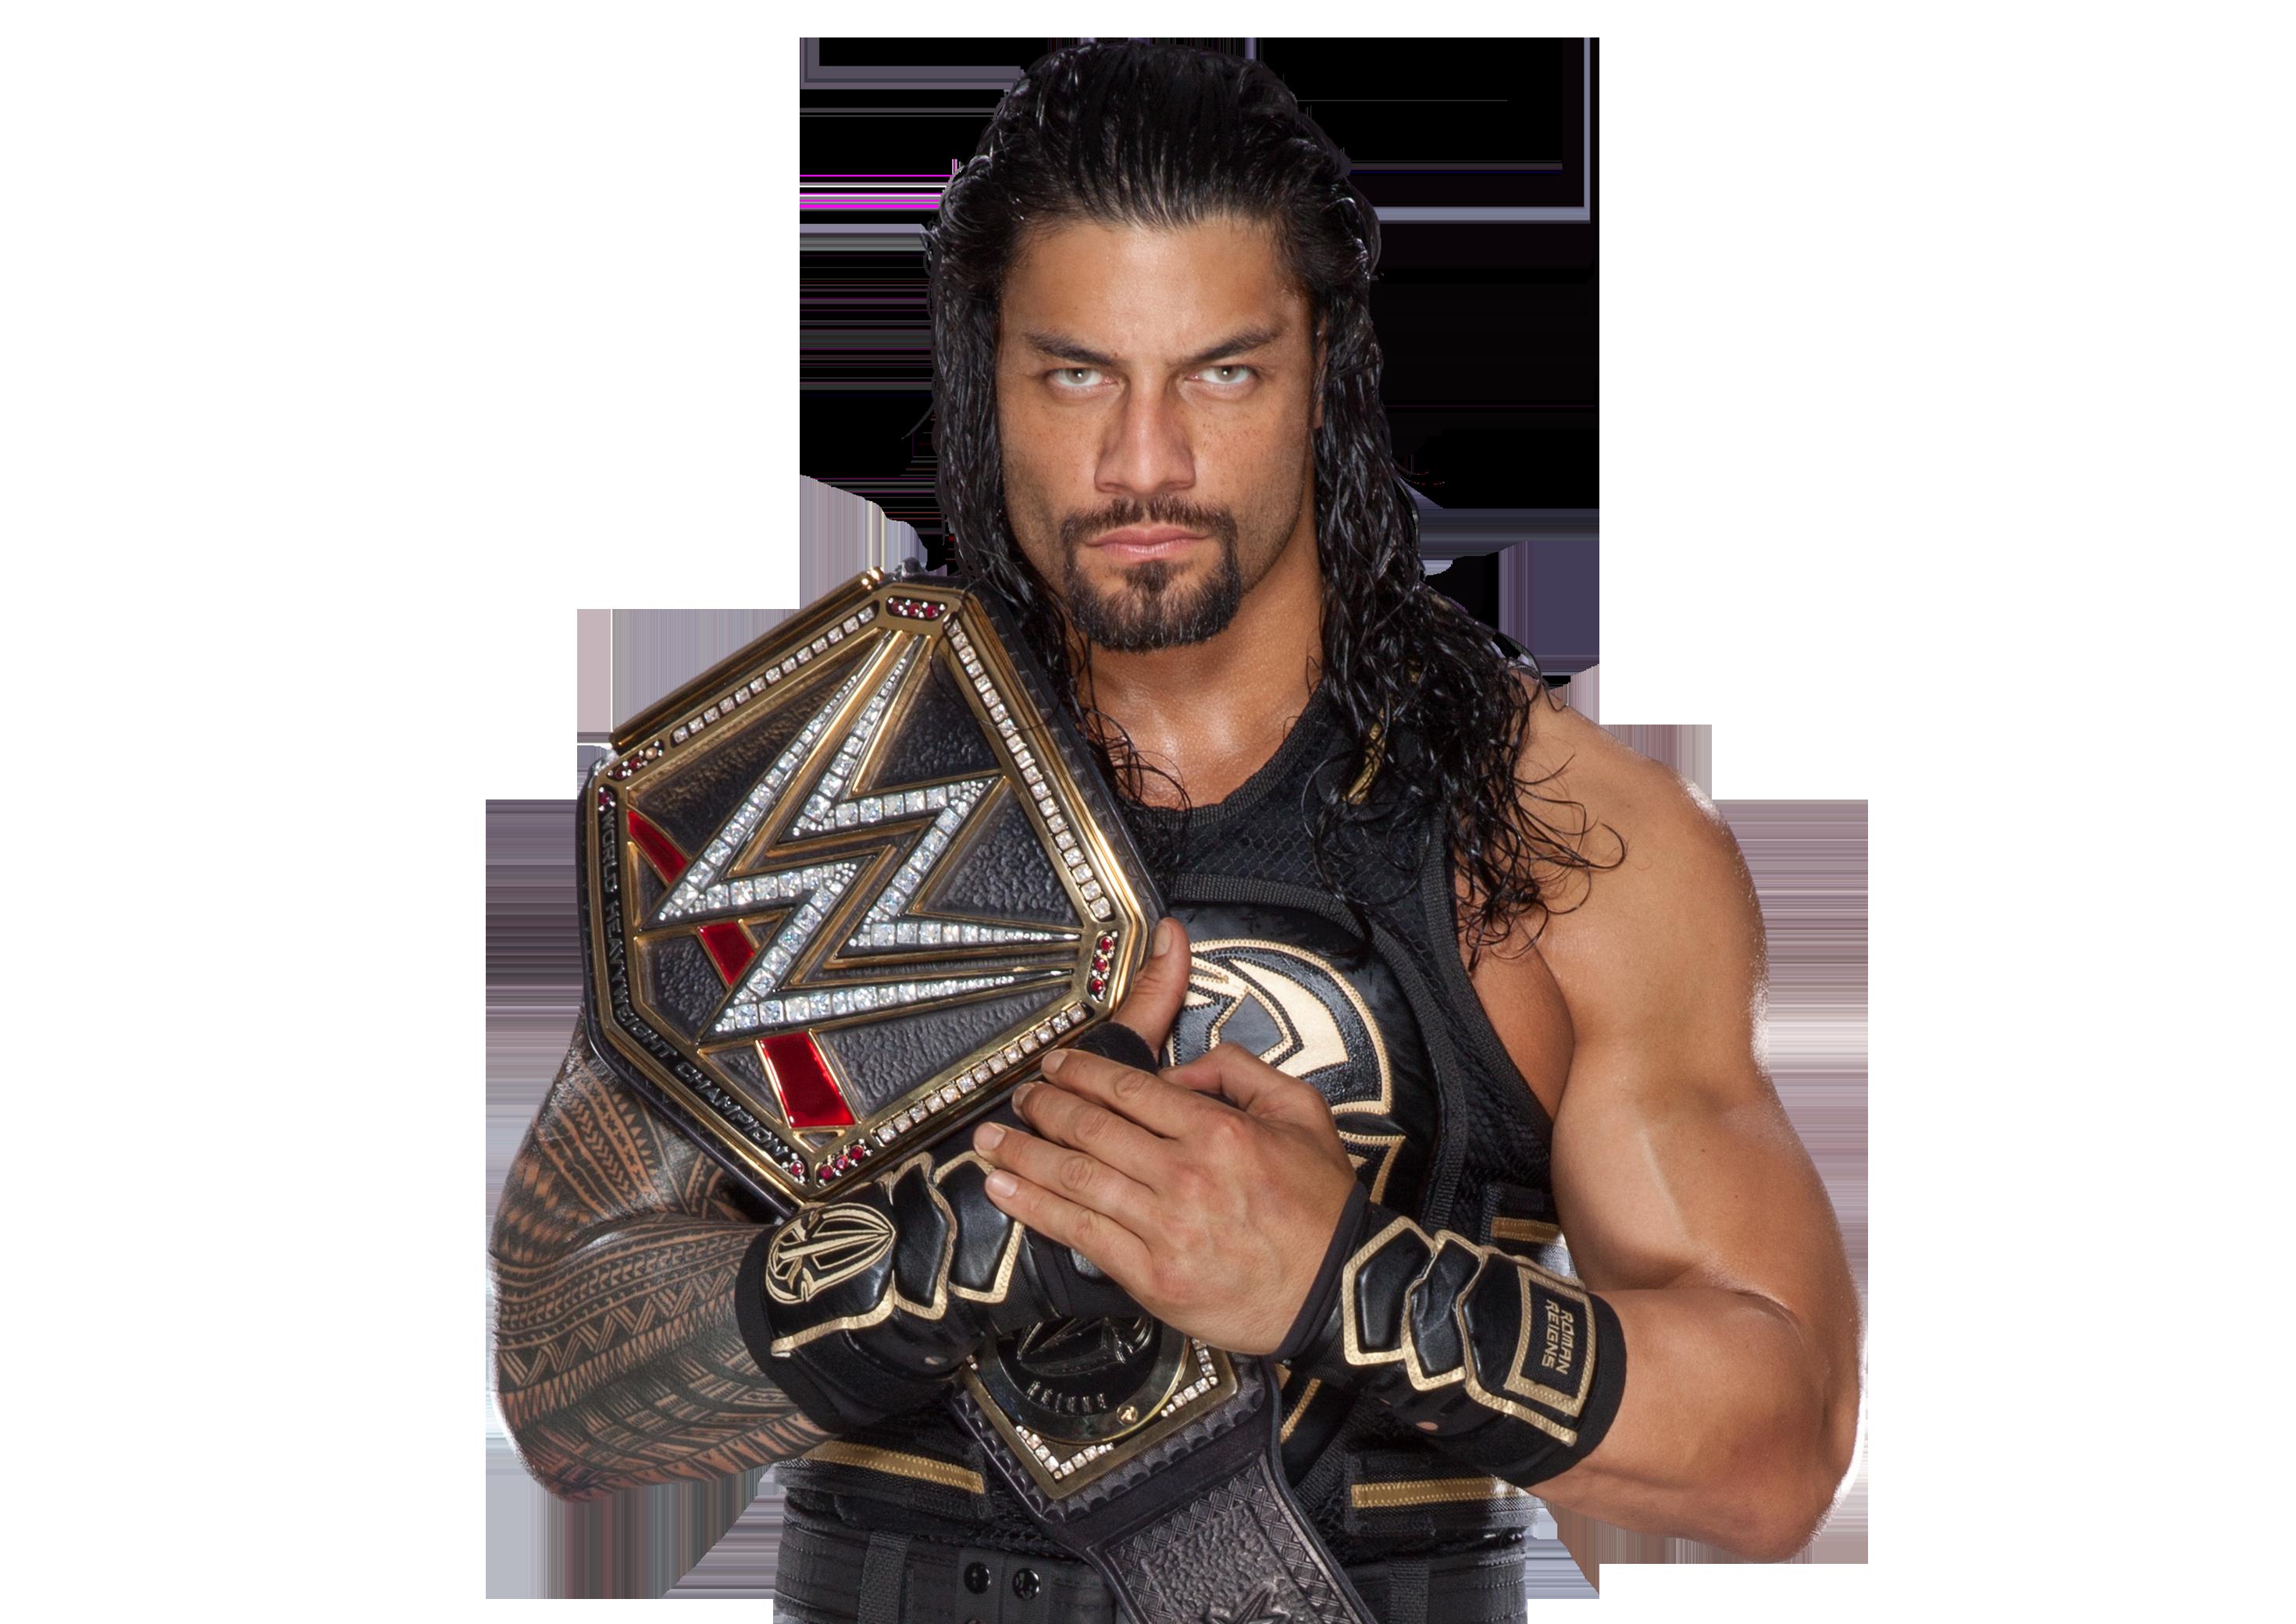 Roman Reigns Wwe Superstar Roman Reigns Roman Reigns Wwe Roman Reigns